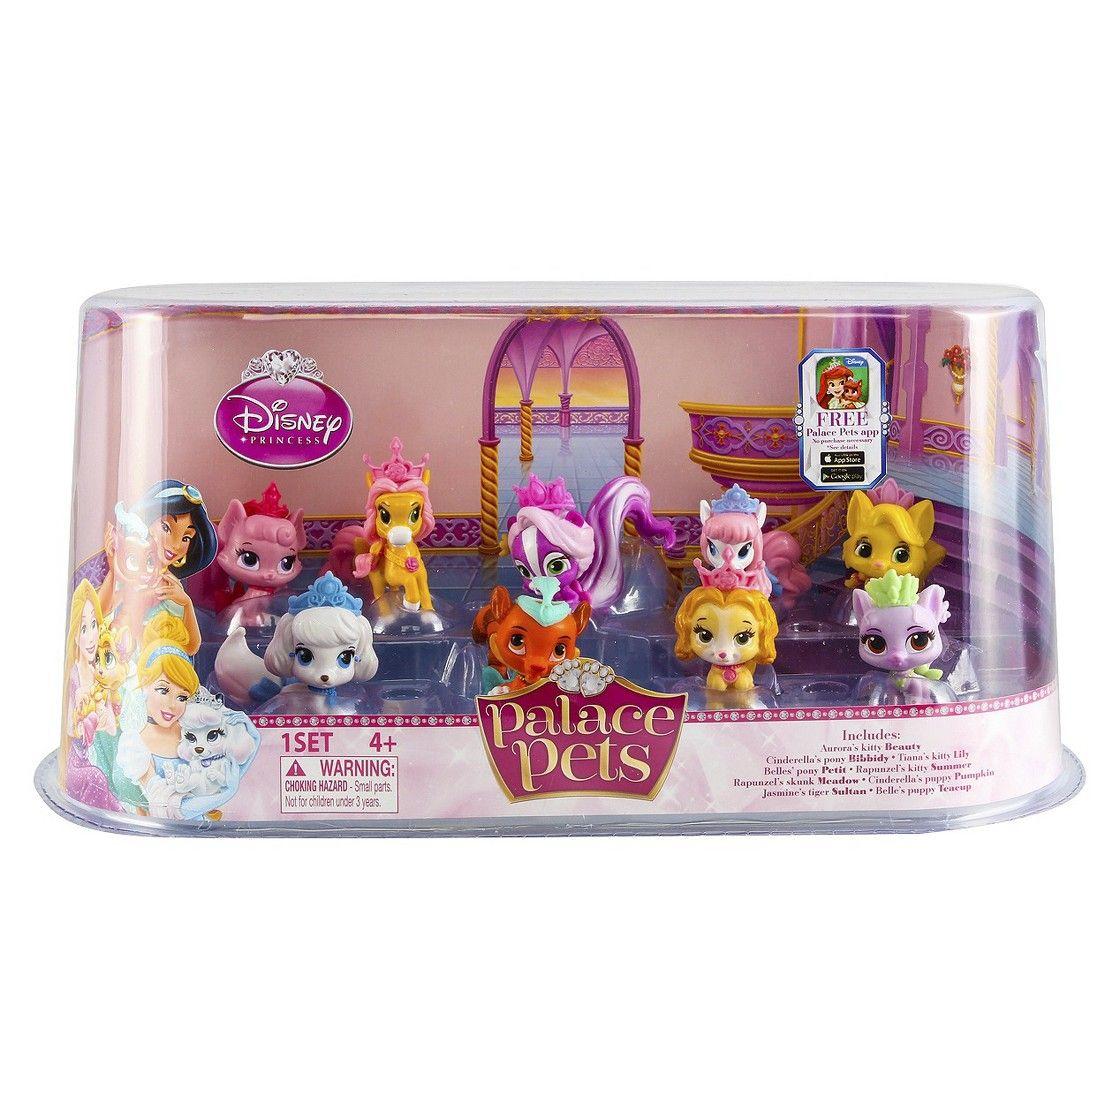 Disney Princess Palace Pets 1 5 Pets Giftset 1 Disney Princess Palace Pets Palace Pets Birthday Princess Palace Pets